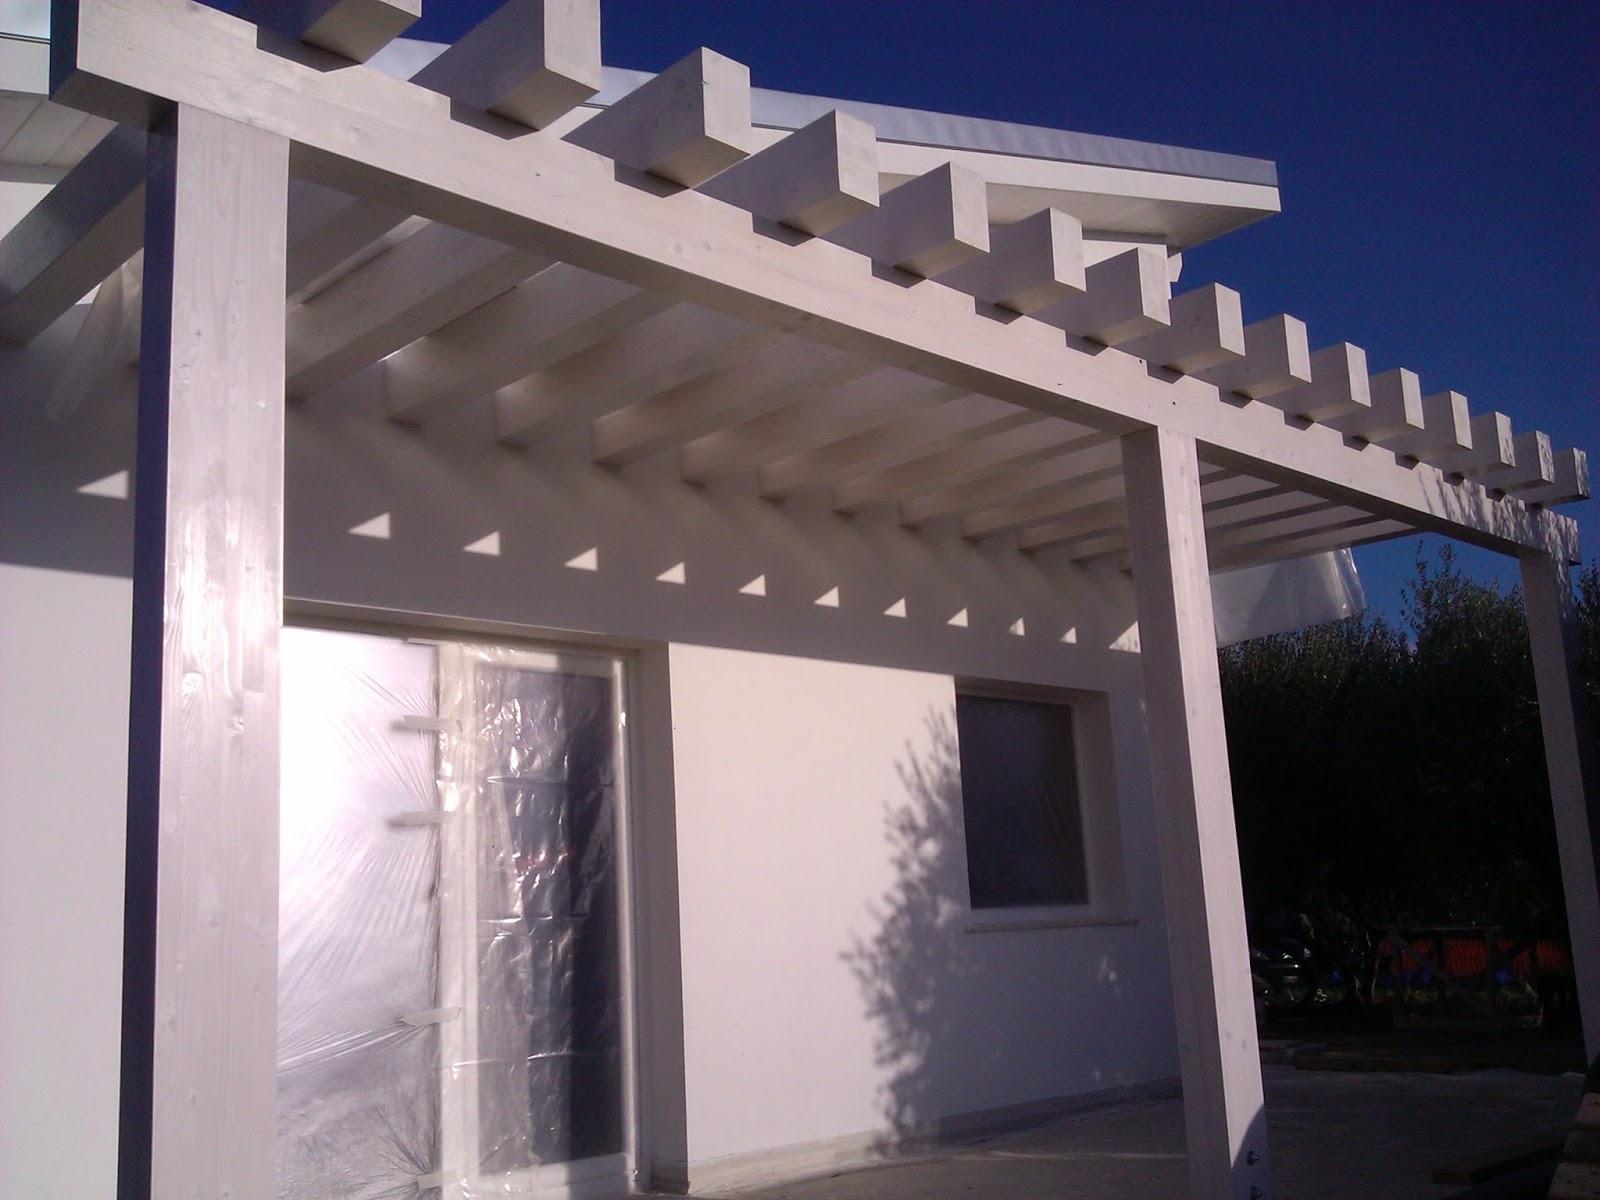 La mia casa in legno l 39 impianto elettrico e il pergolato for Impianto elettrico casa in legno